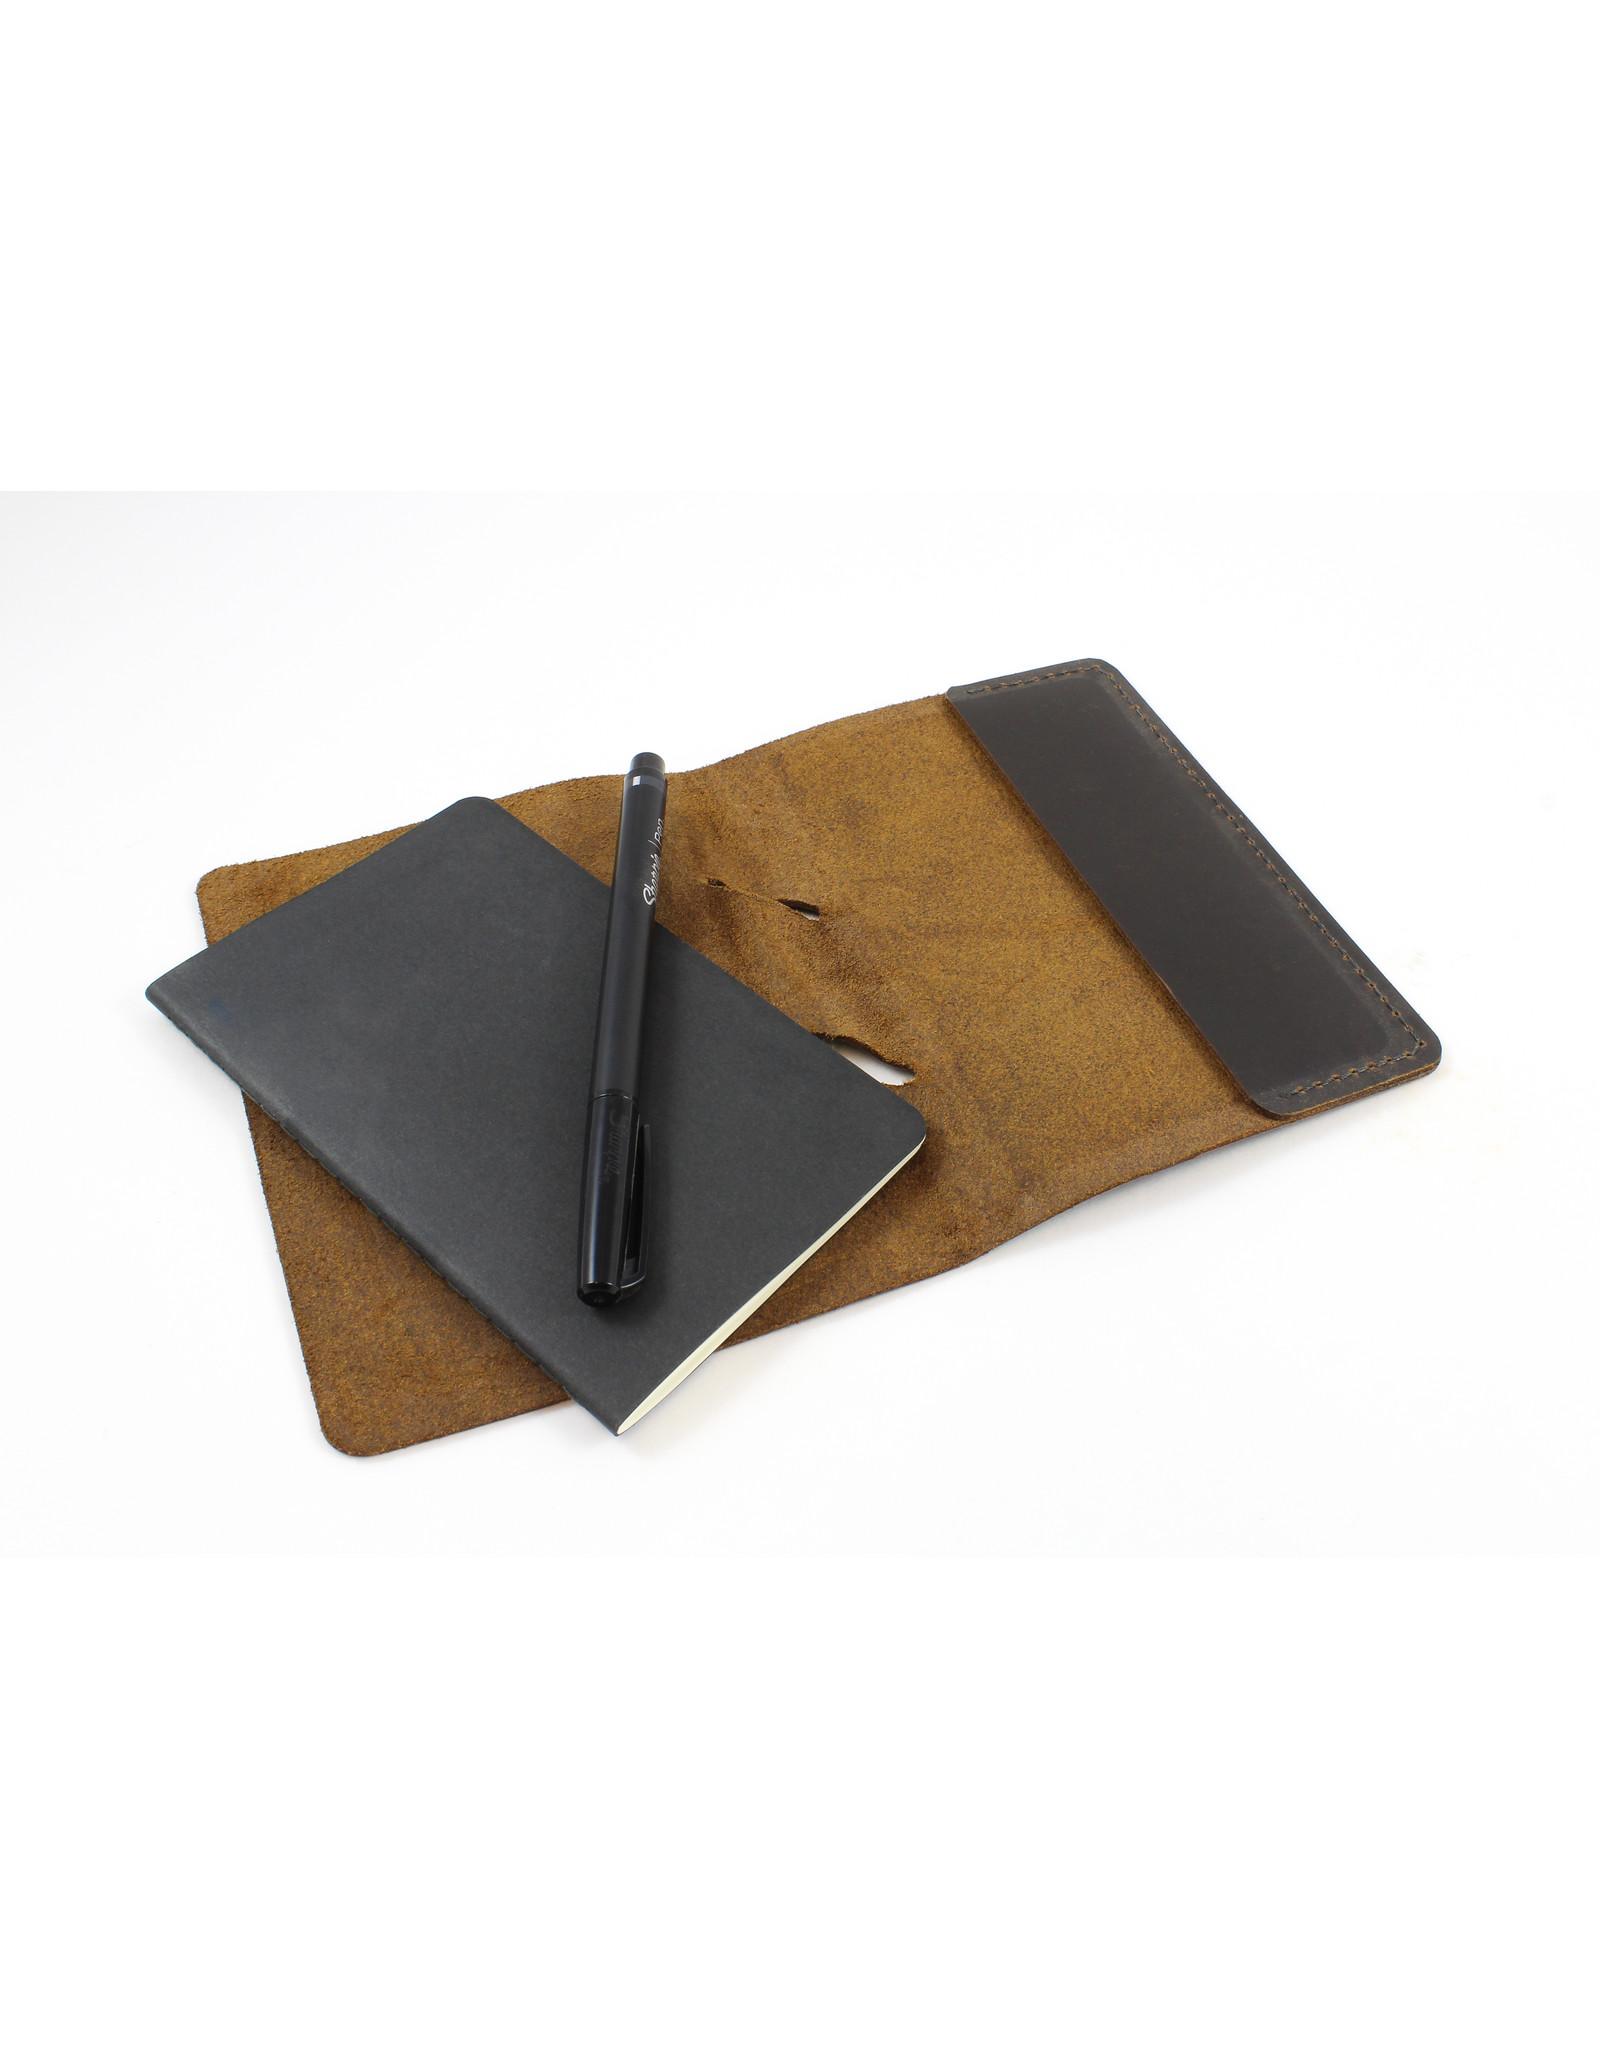 Kyle McPhee Pocket Notebook Sleeve by Phee's Original Goods